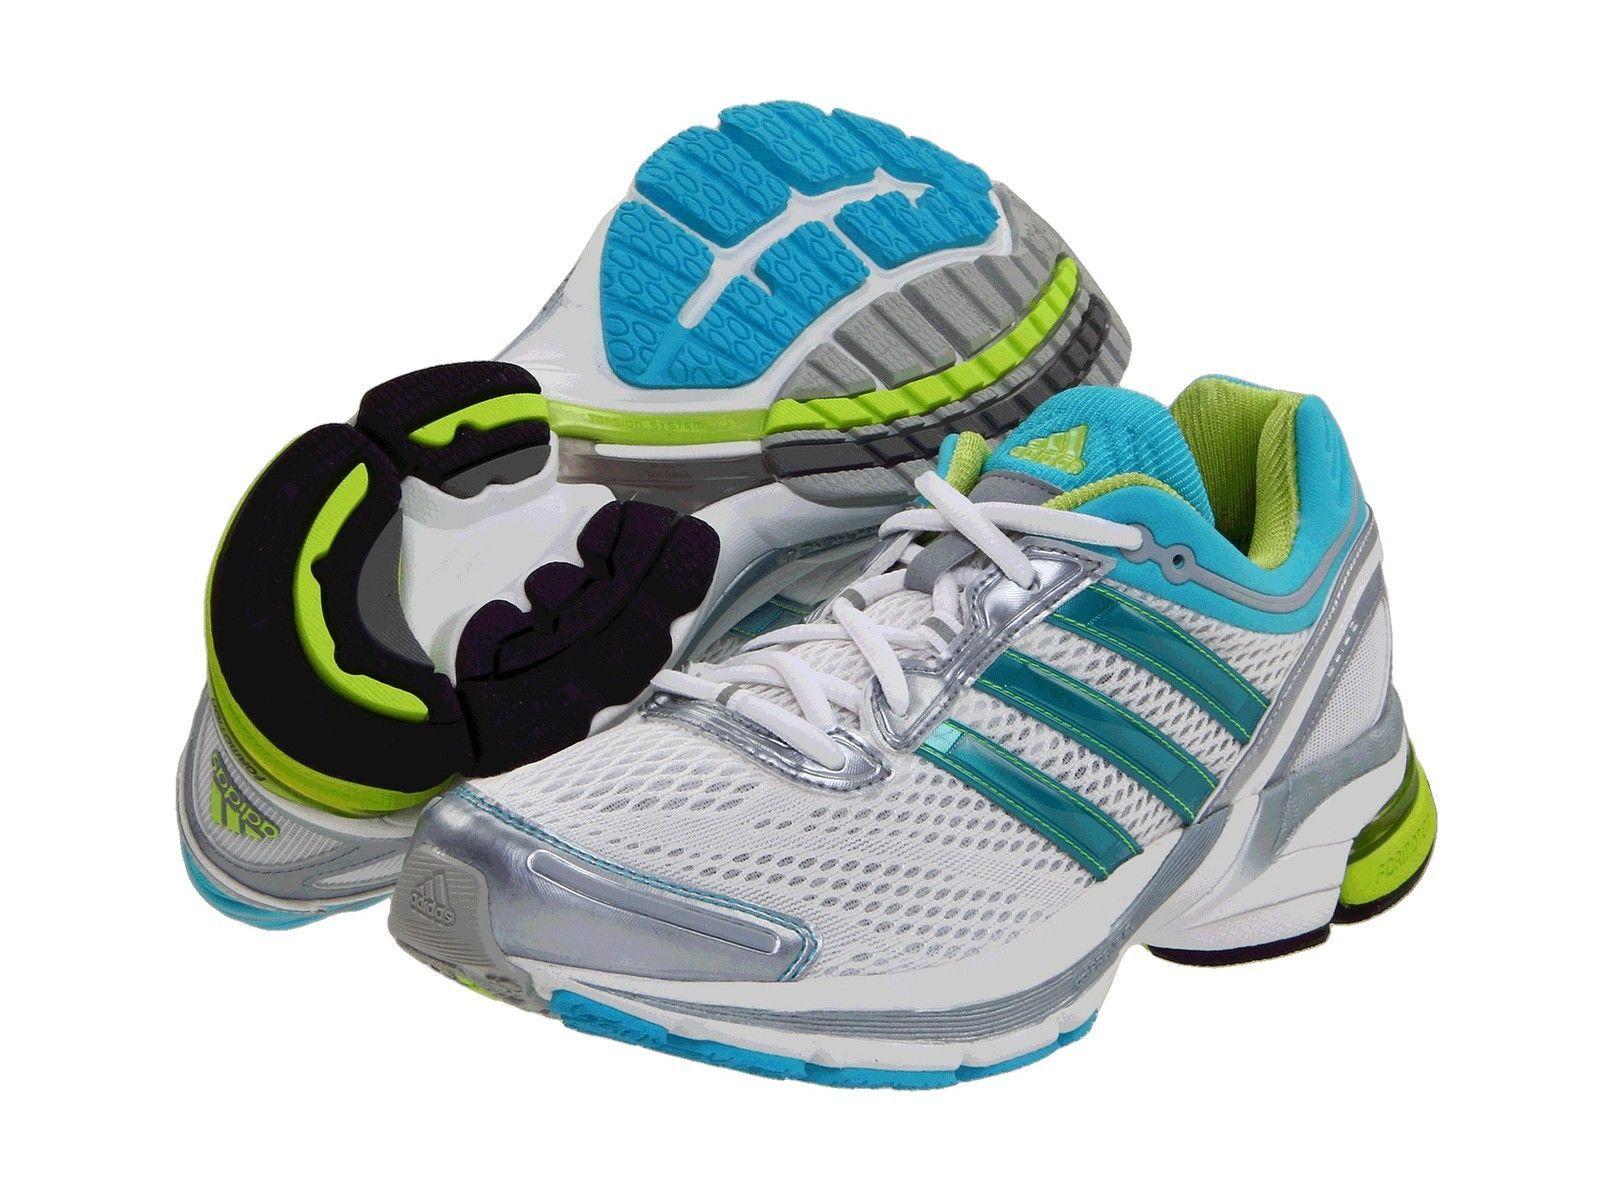 online retailer 4efe4 435e3 Details about Brand New Adidas Shoes SUPERNOVA W CG4041 ...